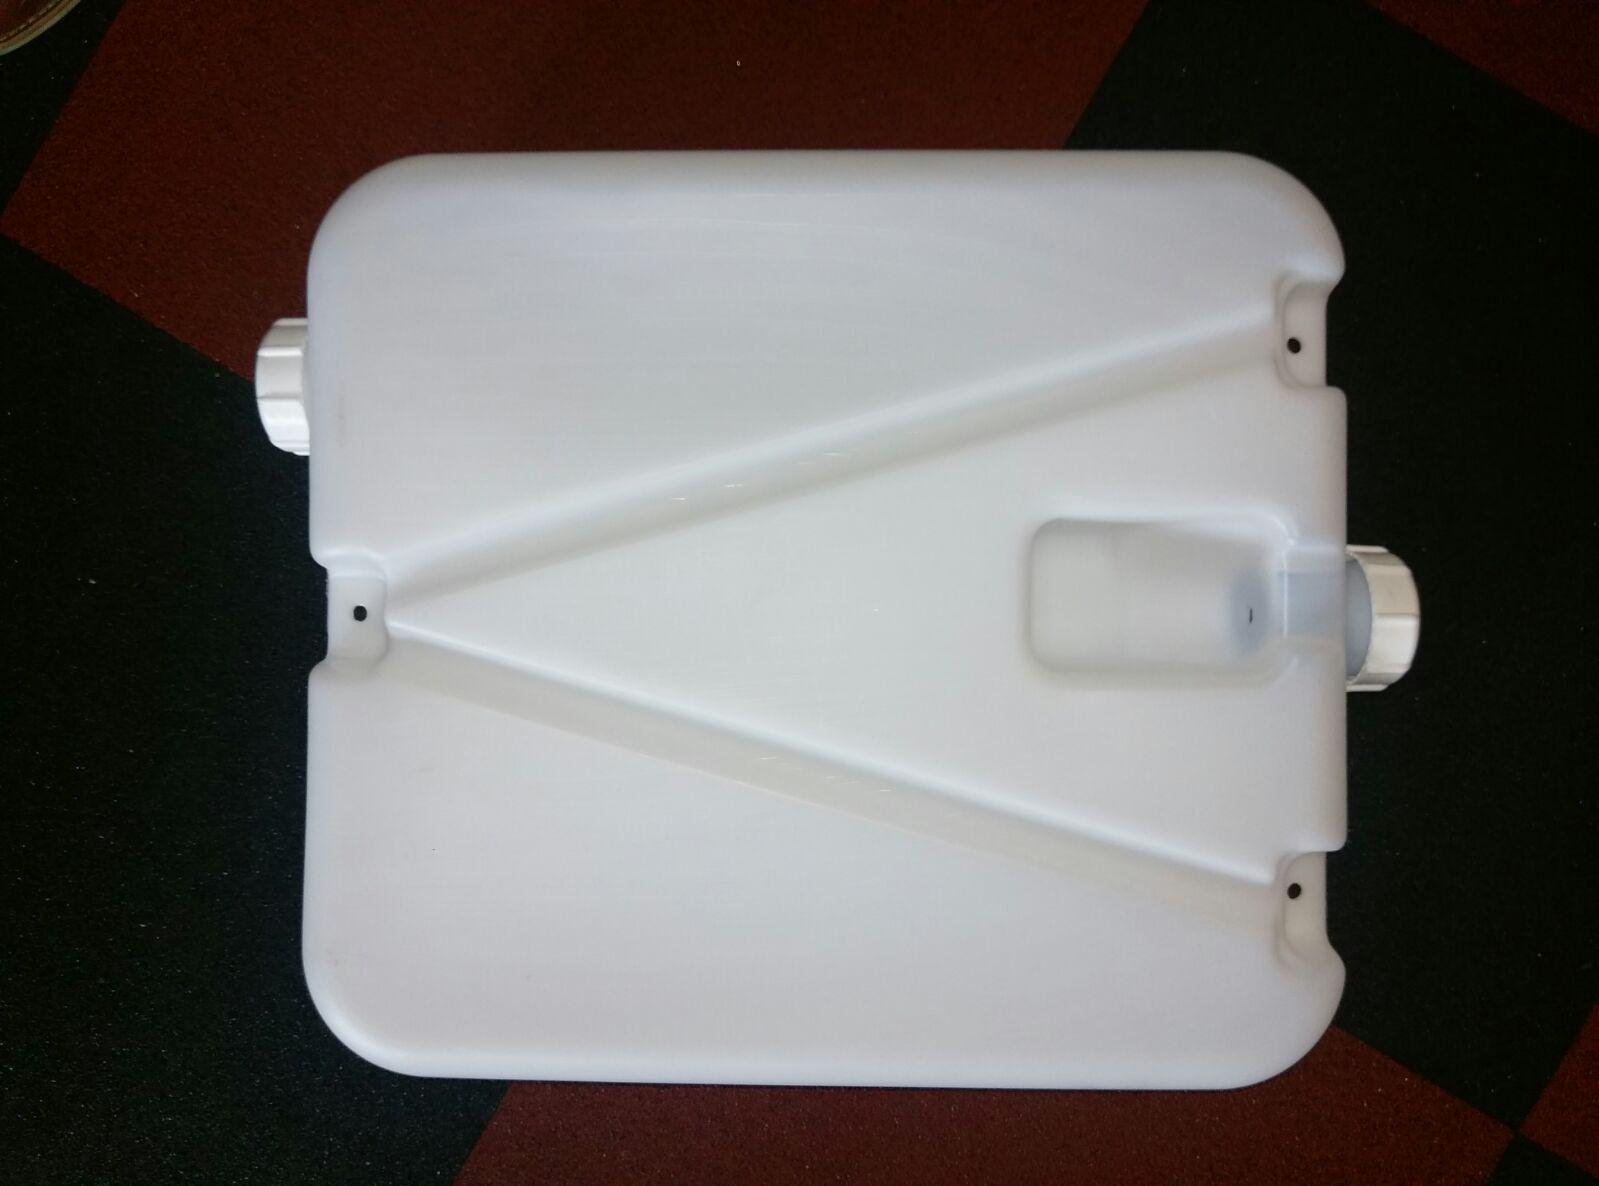 Water tank set to air conditioning NiteCool